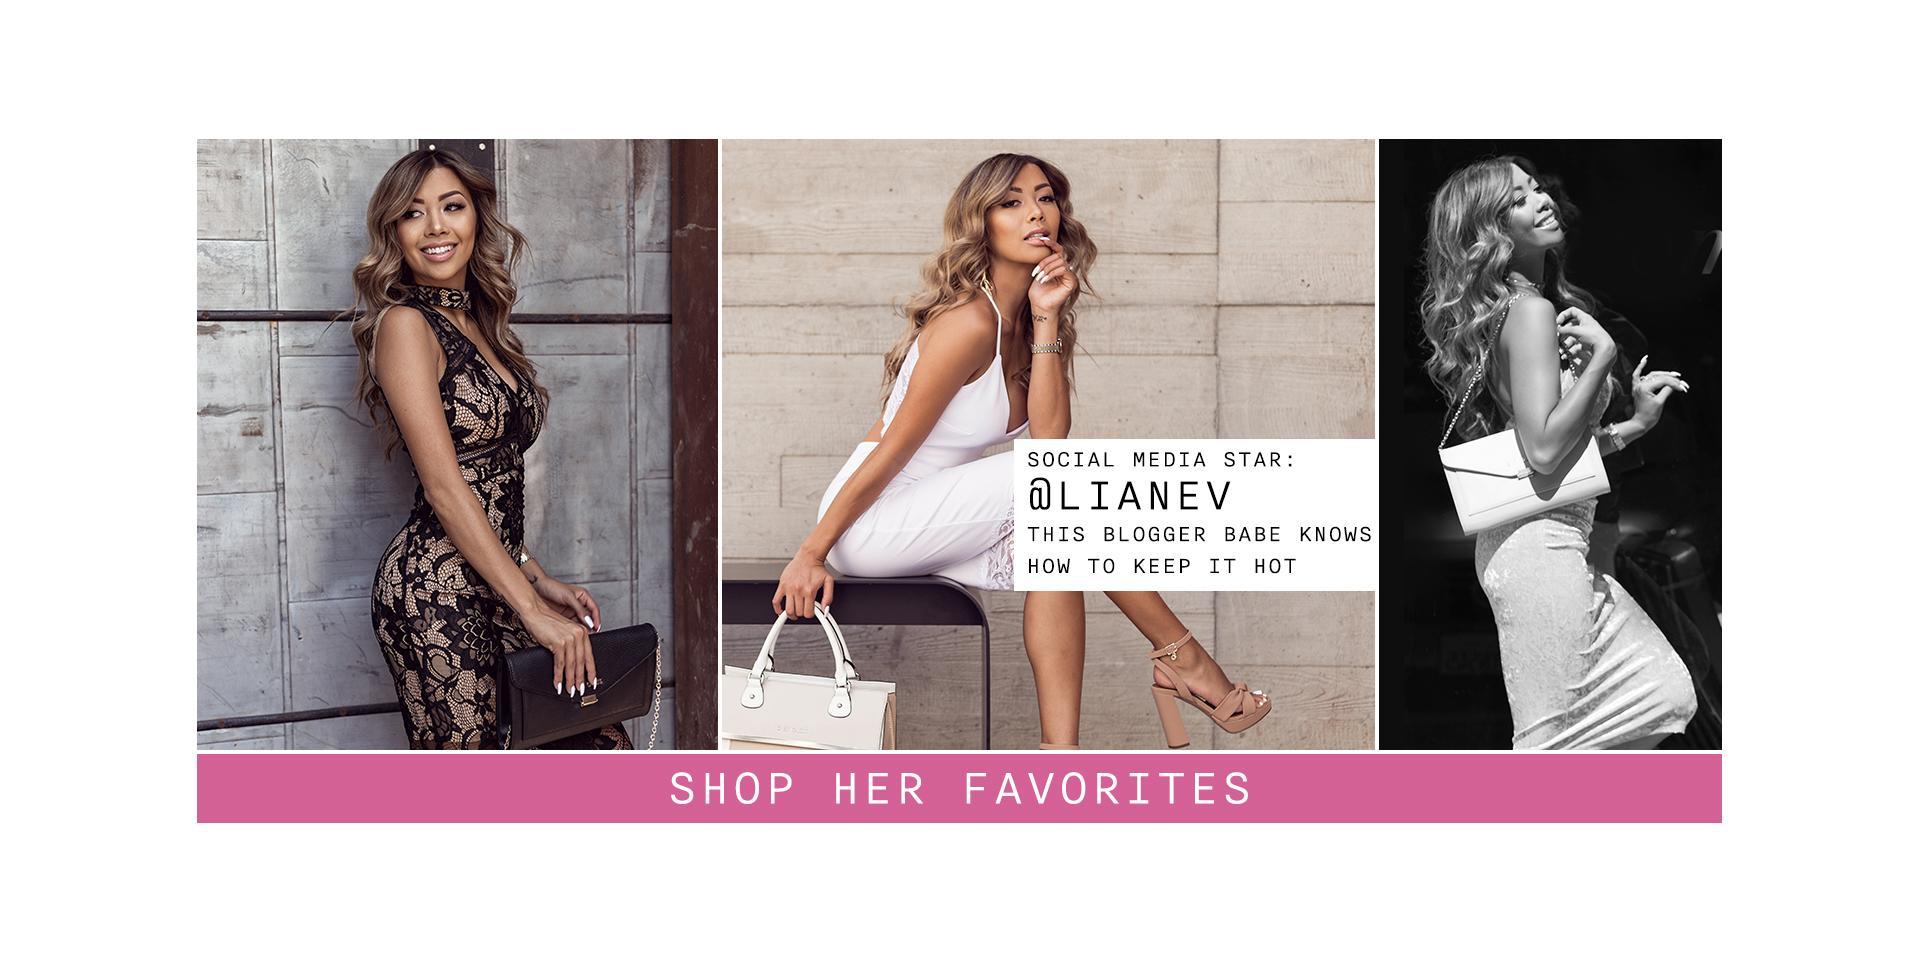 Shop her Favorites